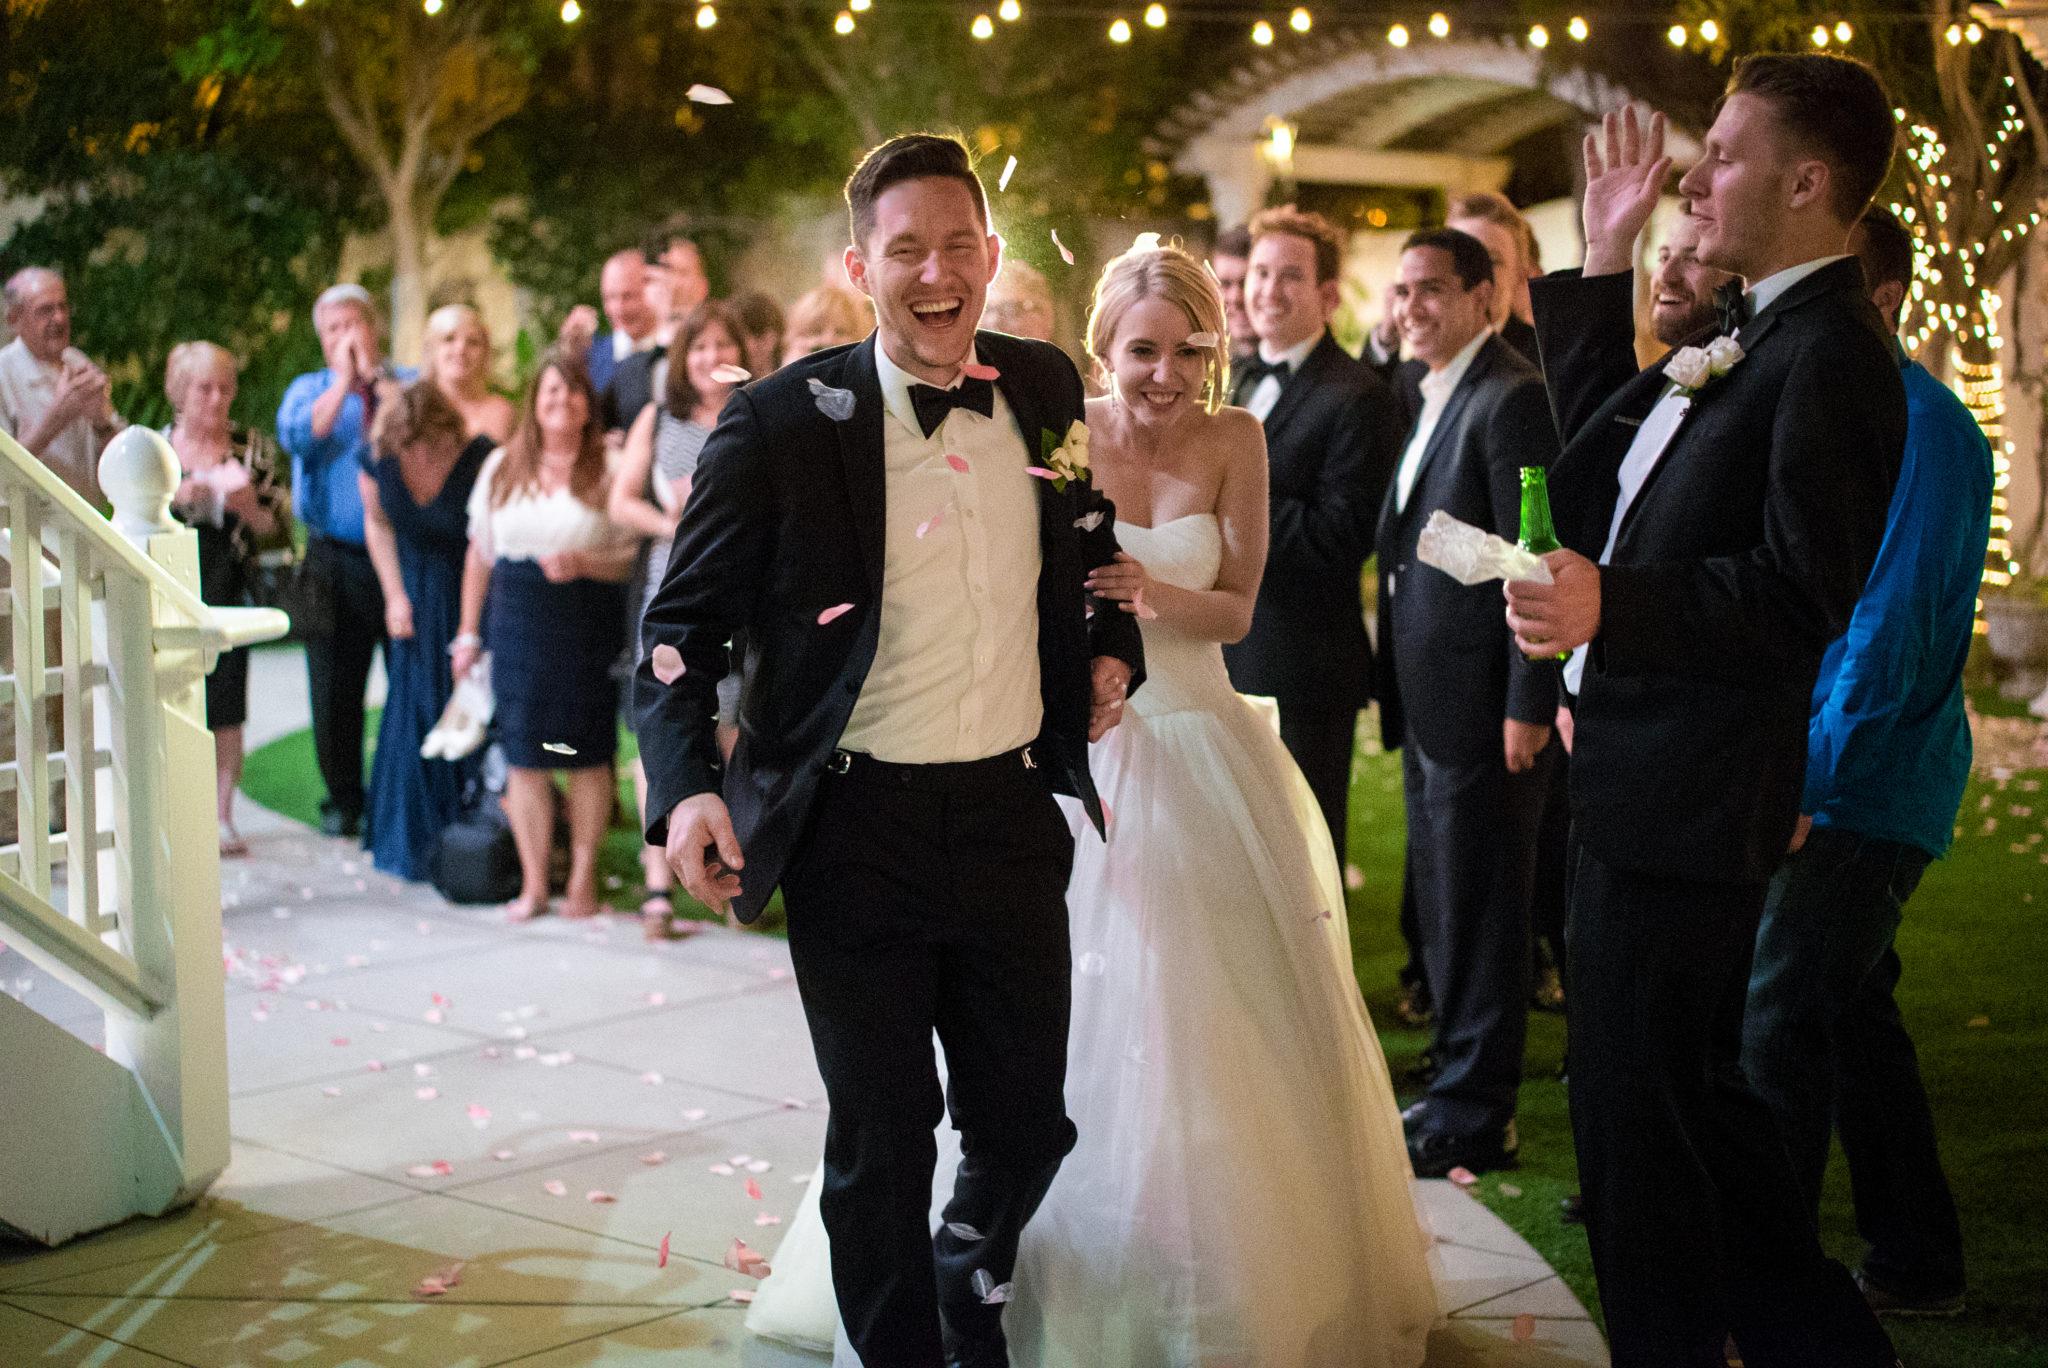 Creative Wedding Send-off Ideas